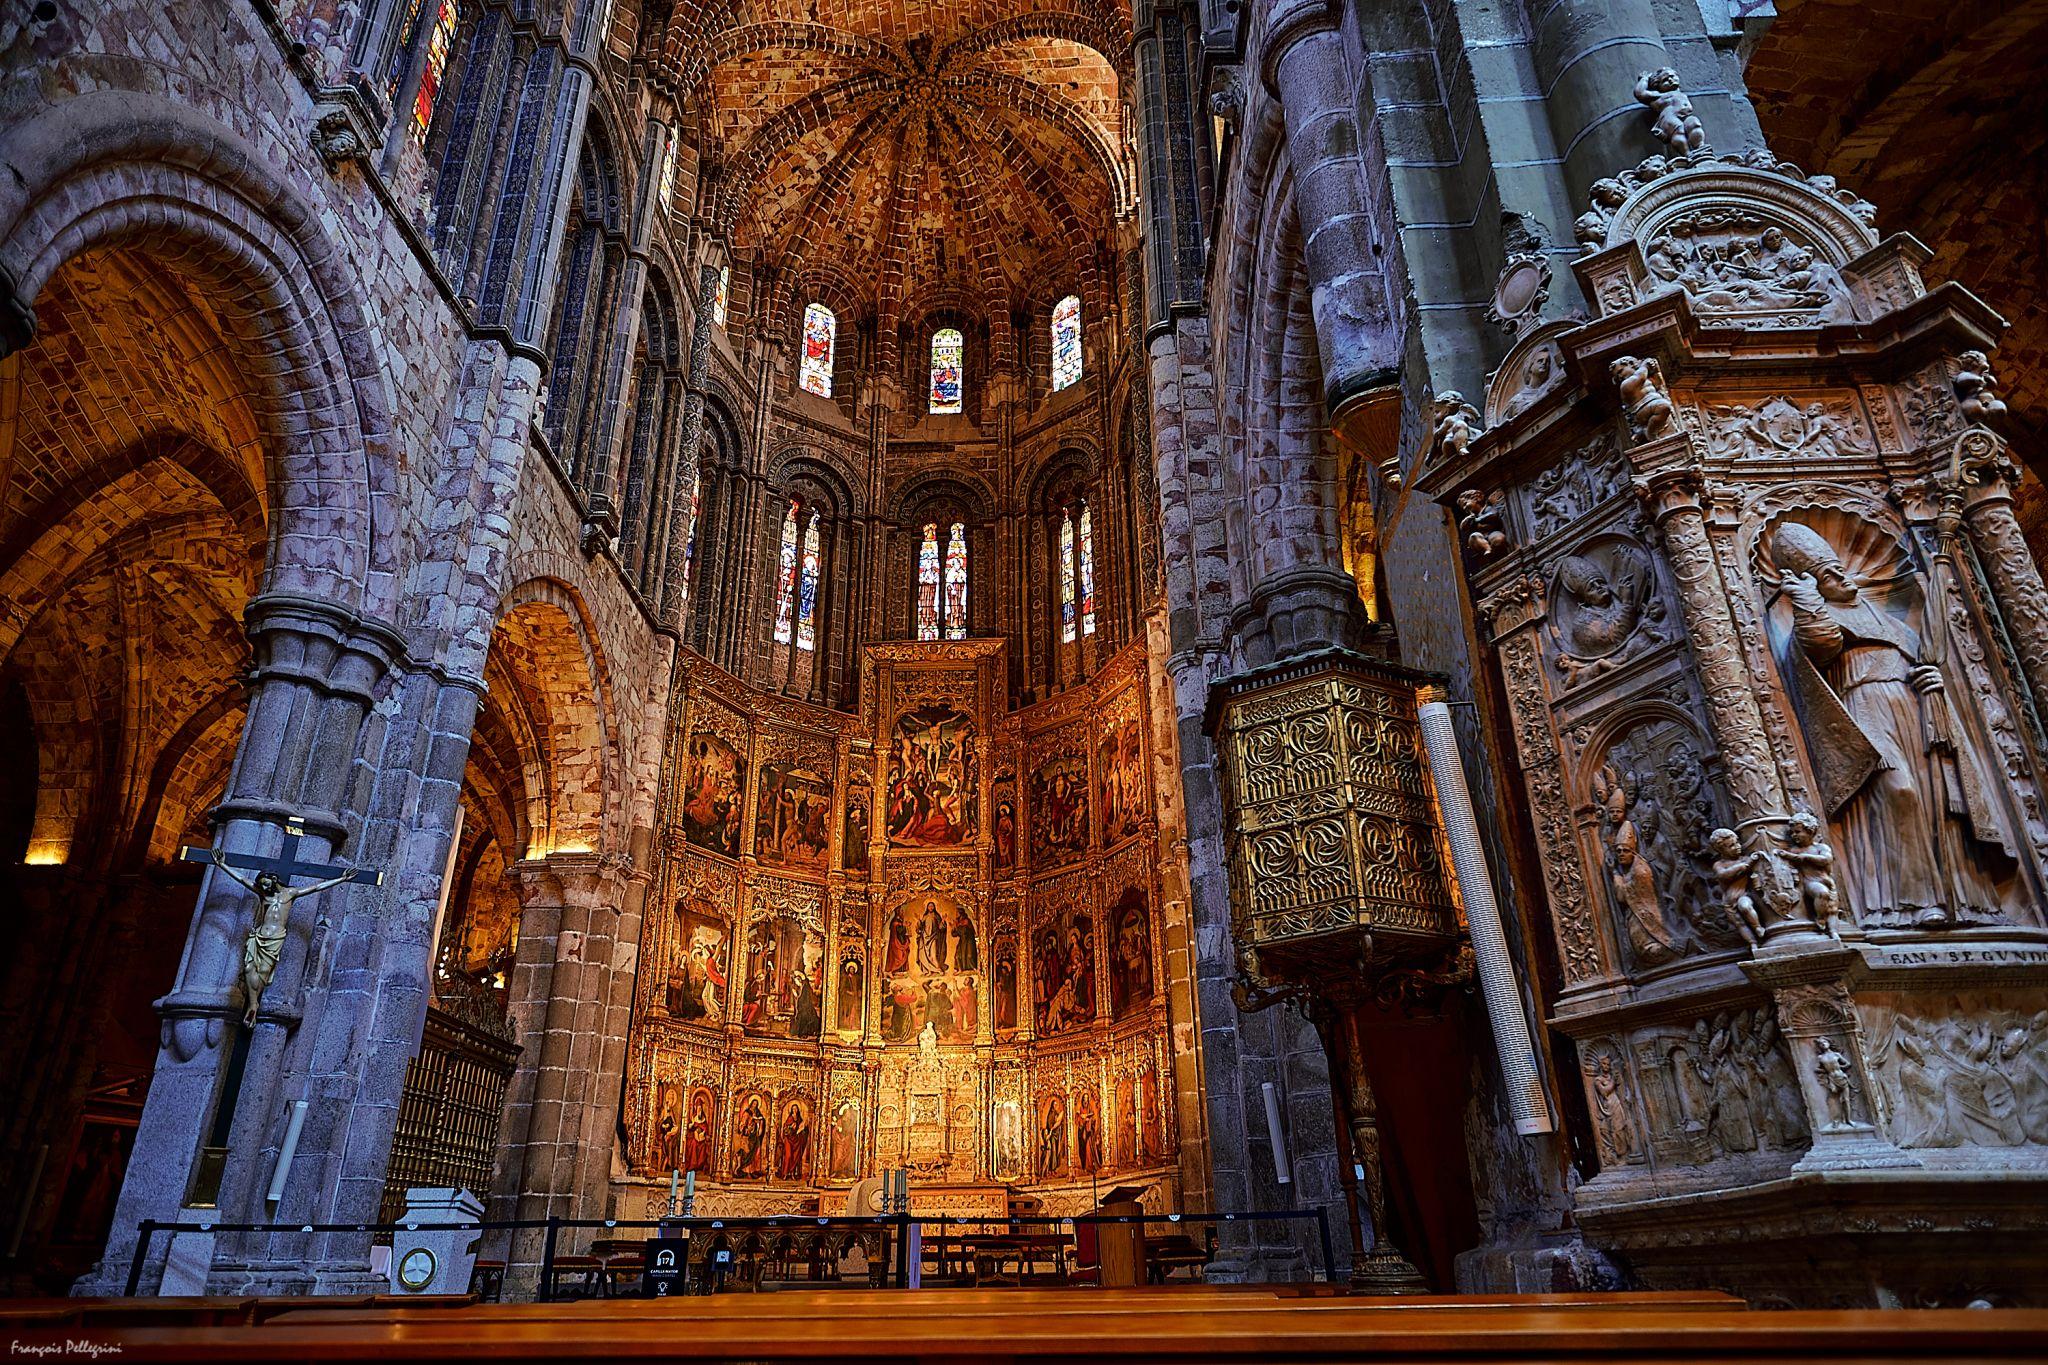 Catedral de Cristo Salvador, Spain